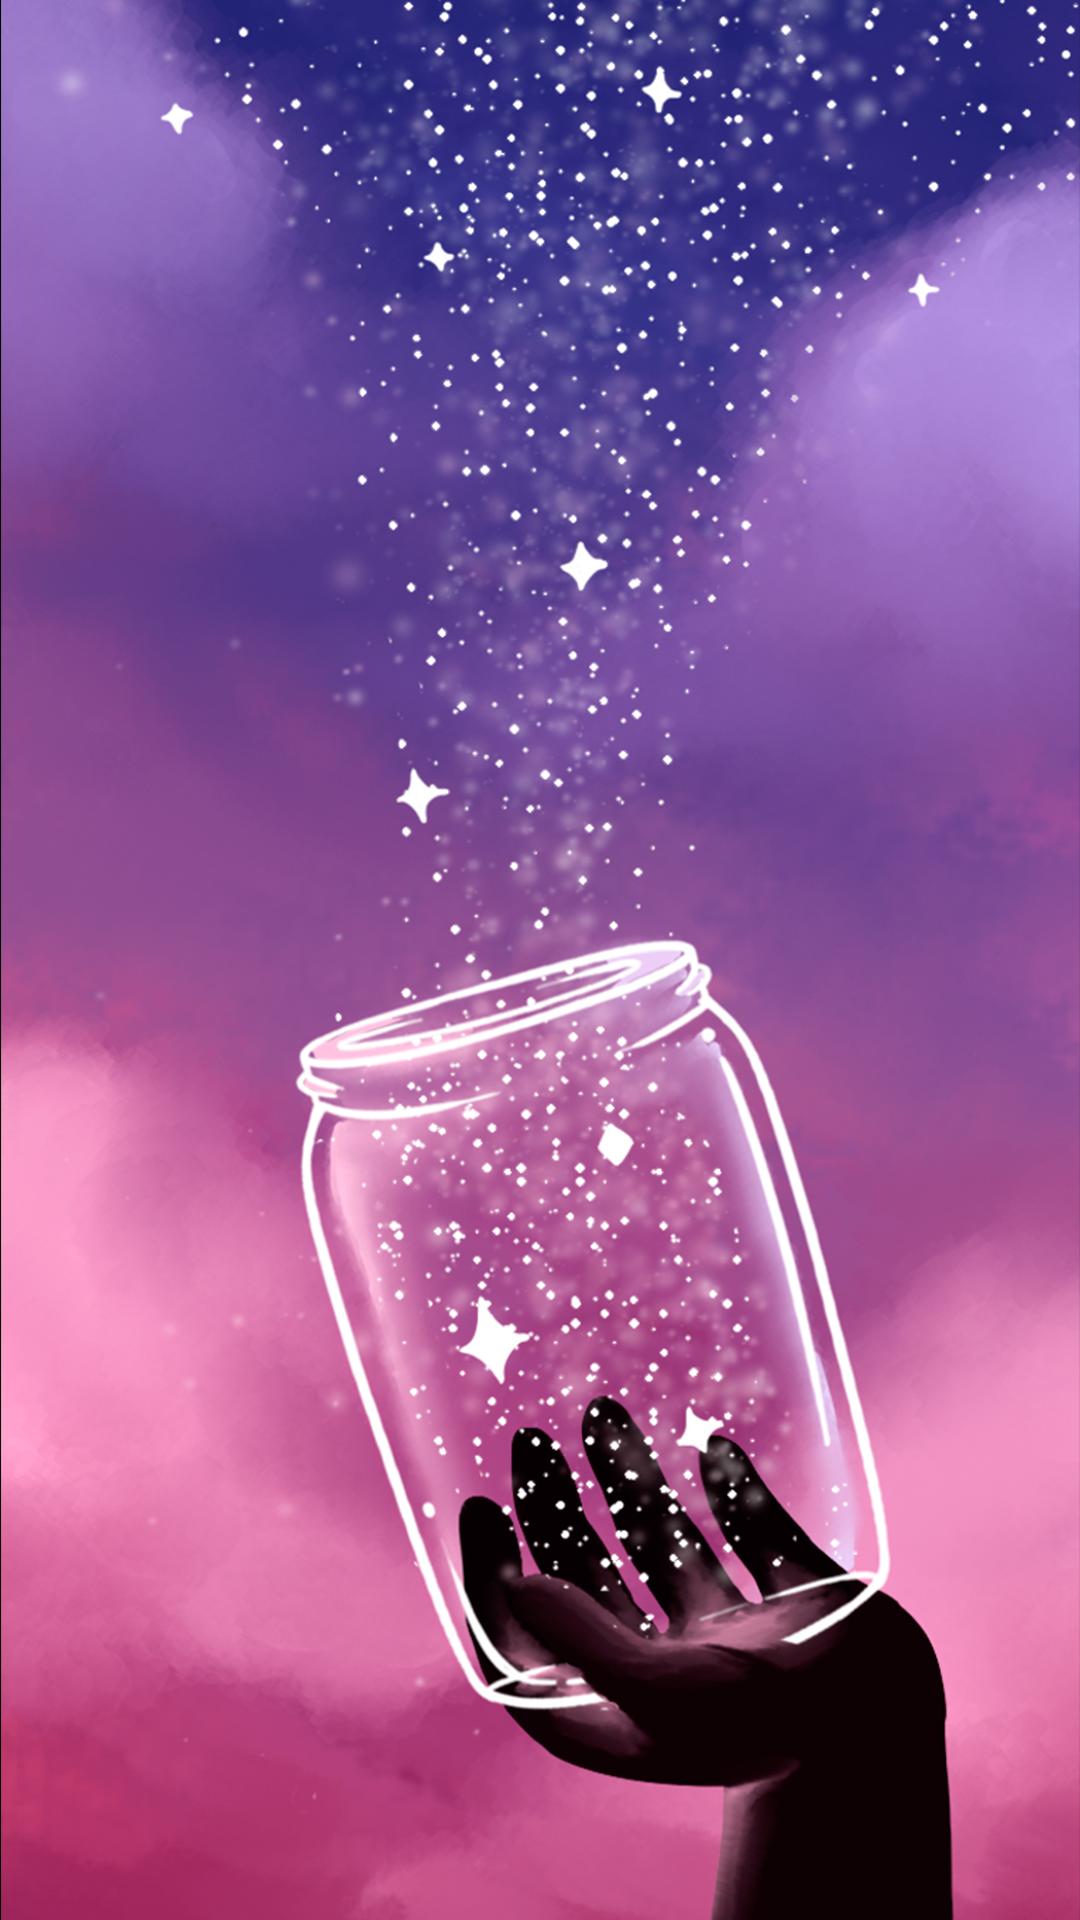 Wallpaper Potinho de Estrelas by Gocase, pink, rosa, purple, roxo, estrelas, stars, pote, hands, mãos, nuvens, clouds, night, noite, sky, céu, wallpaper, papel de parede, fundo de tela, background, gocase, lovegocase, #potinho, #estrelas, #stars, #gocase, #lovegocase, #wallpaper #background, #fundodetela, #sky, #céu, #sky, #clouds